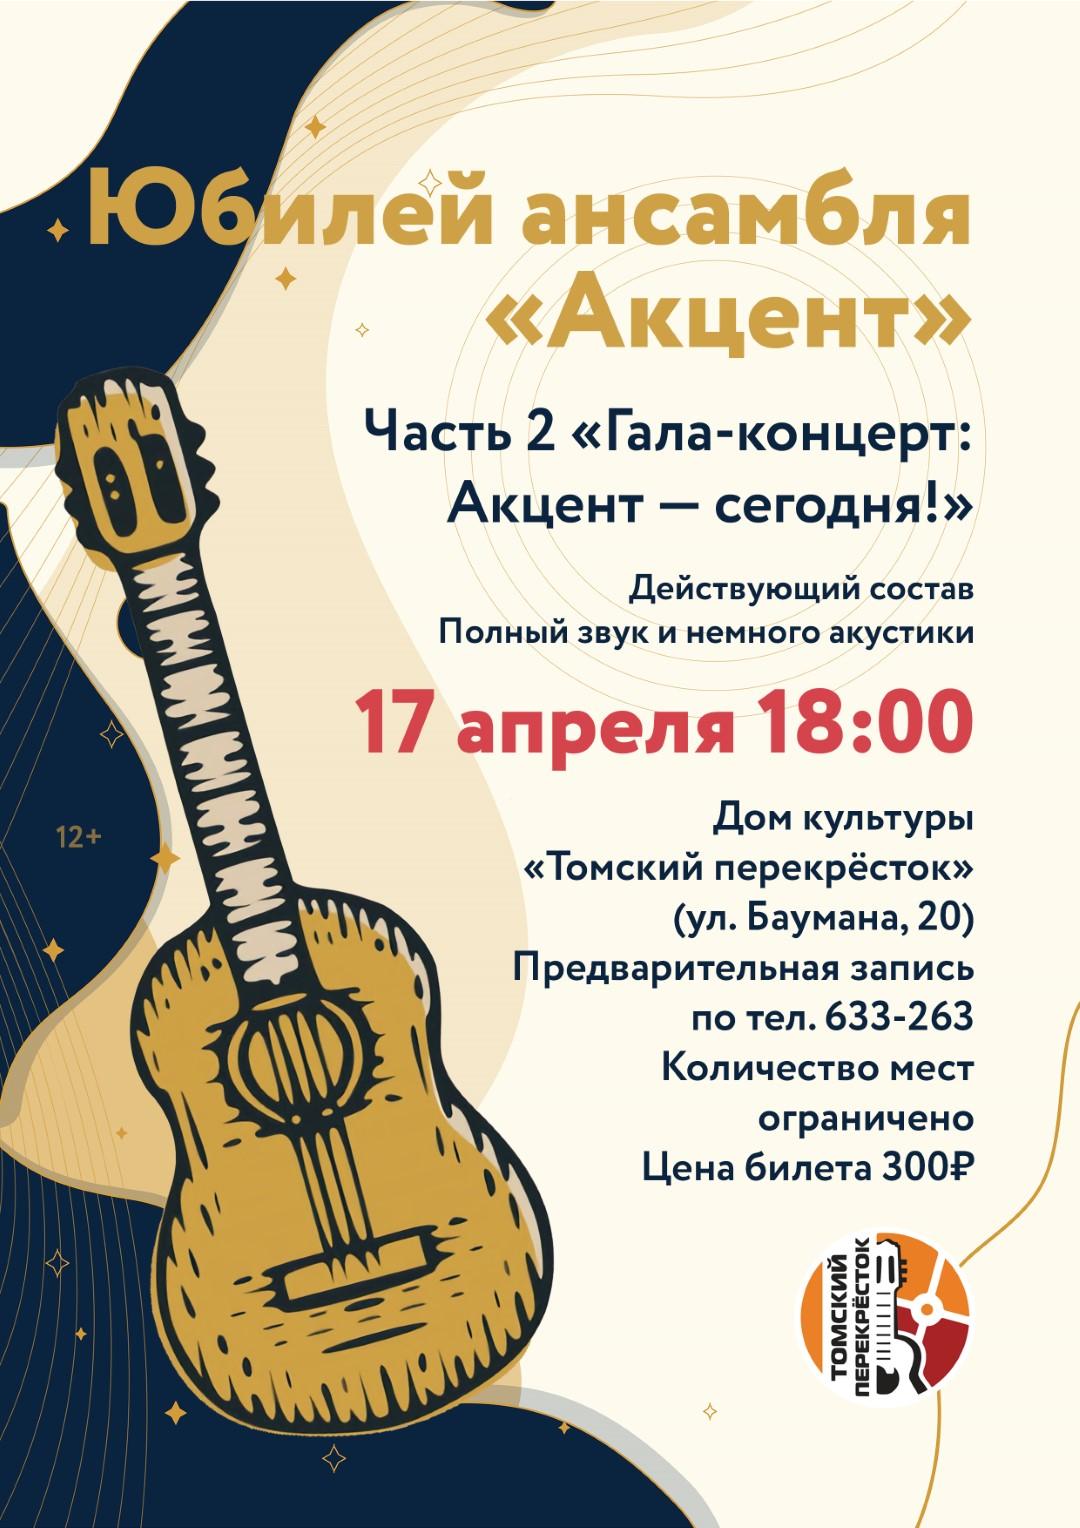 Афиша концерта ансамбля Акцент